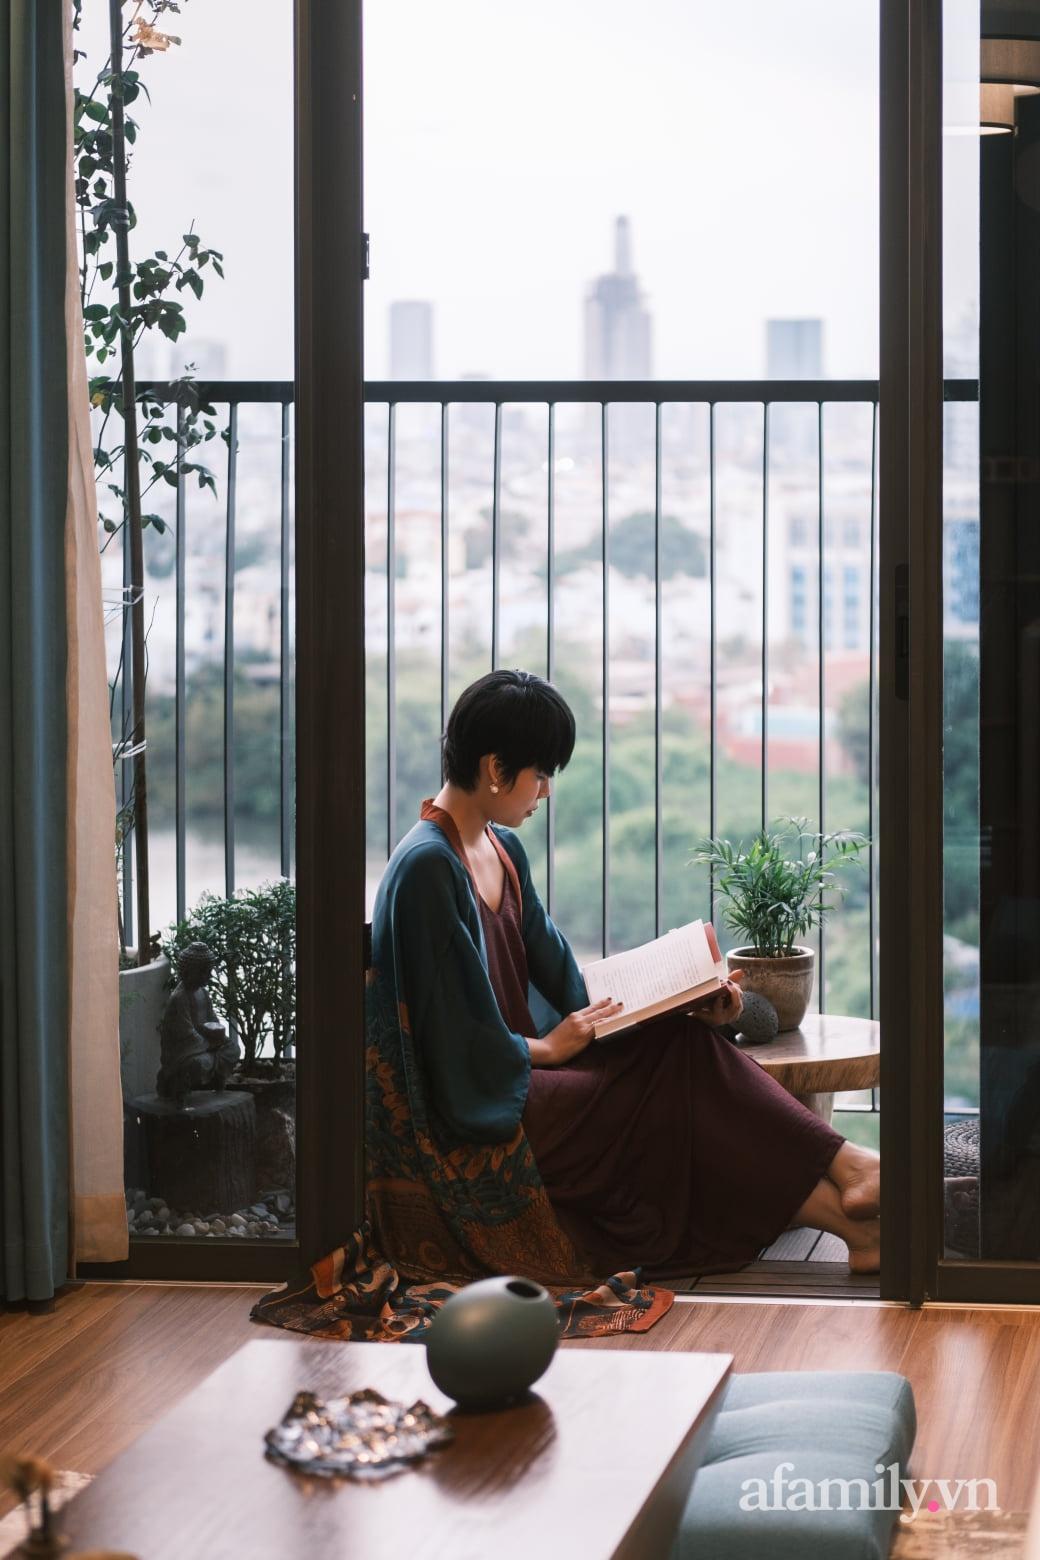 Căn hộ 60m² đẹp tĩnh lặng và tinh tế mang hơi thở của Zen ở quận 7 Sài Gòn - Ảnh 16.